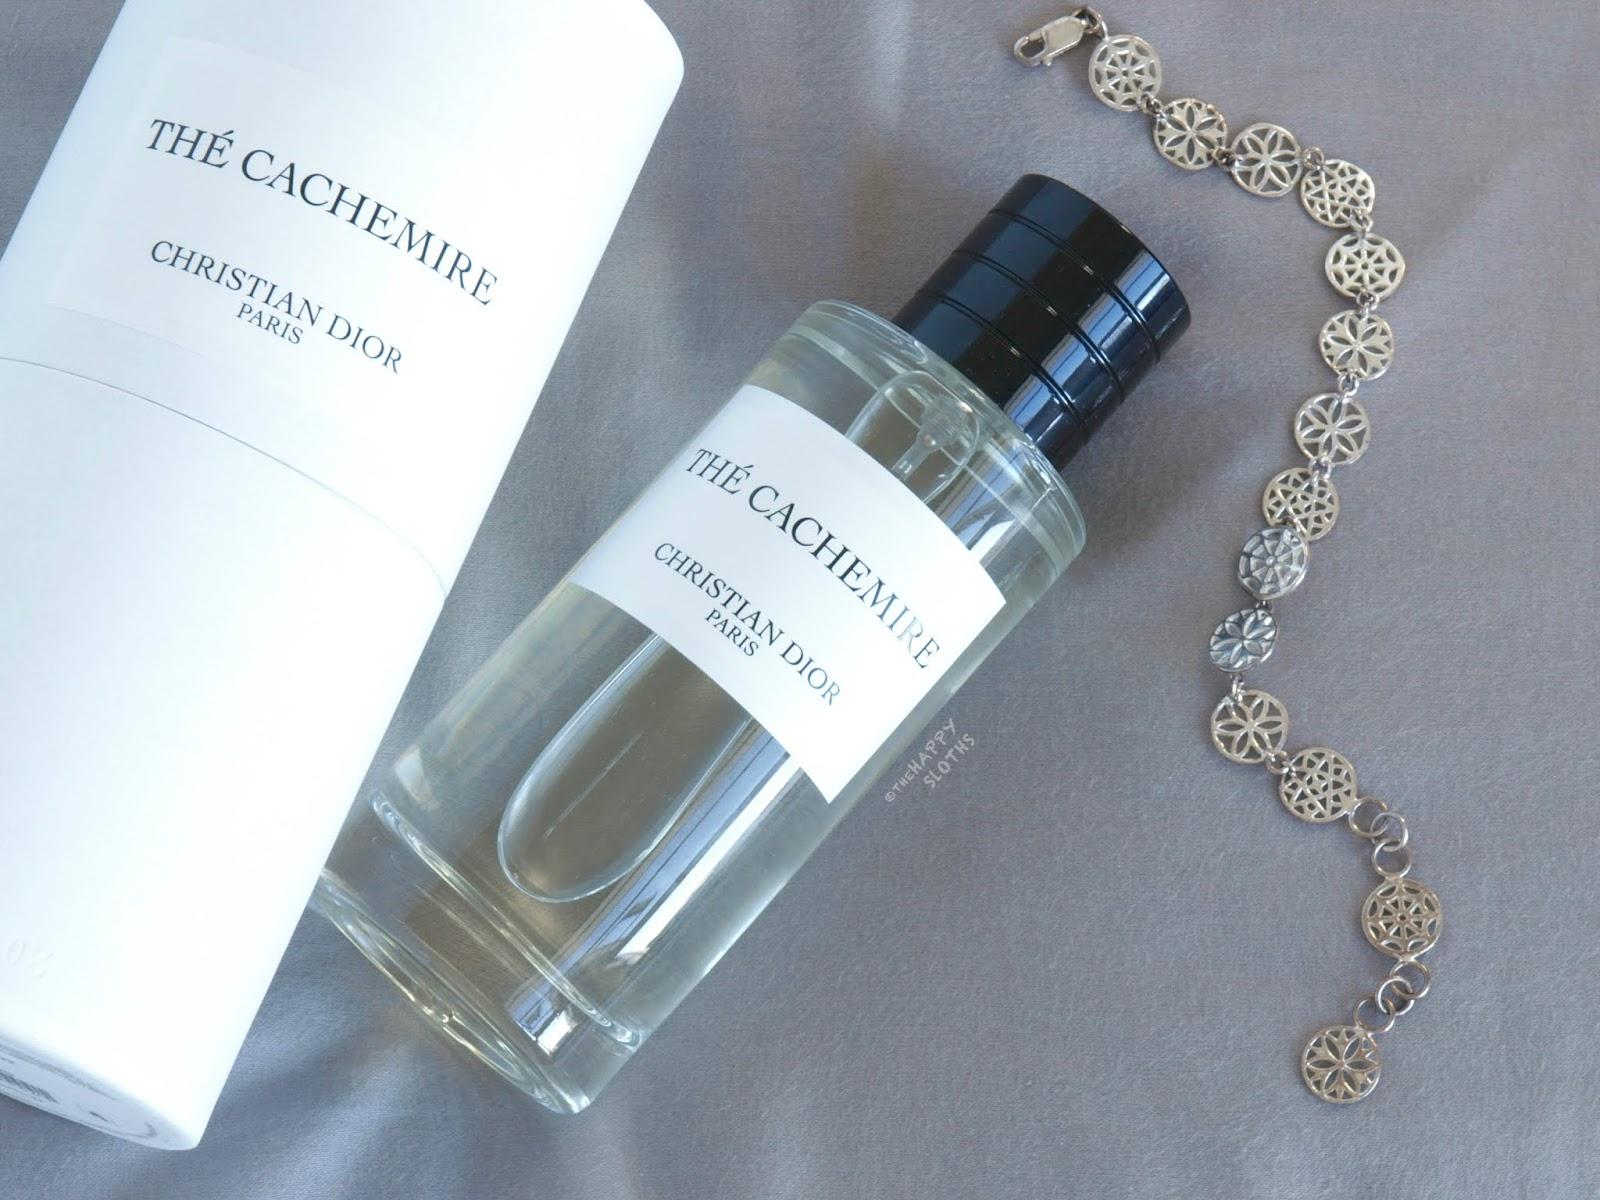 Dior | Maison Christian Dior Thé Cachemire Eau de Parfum: Review